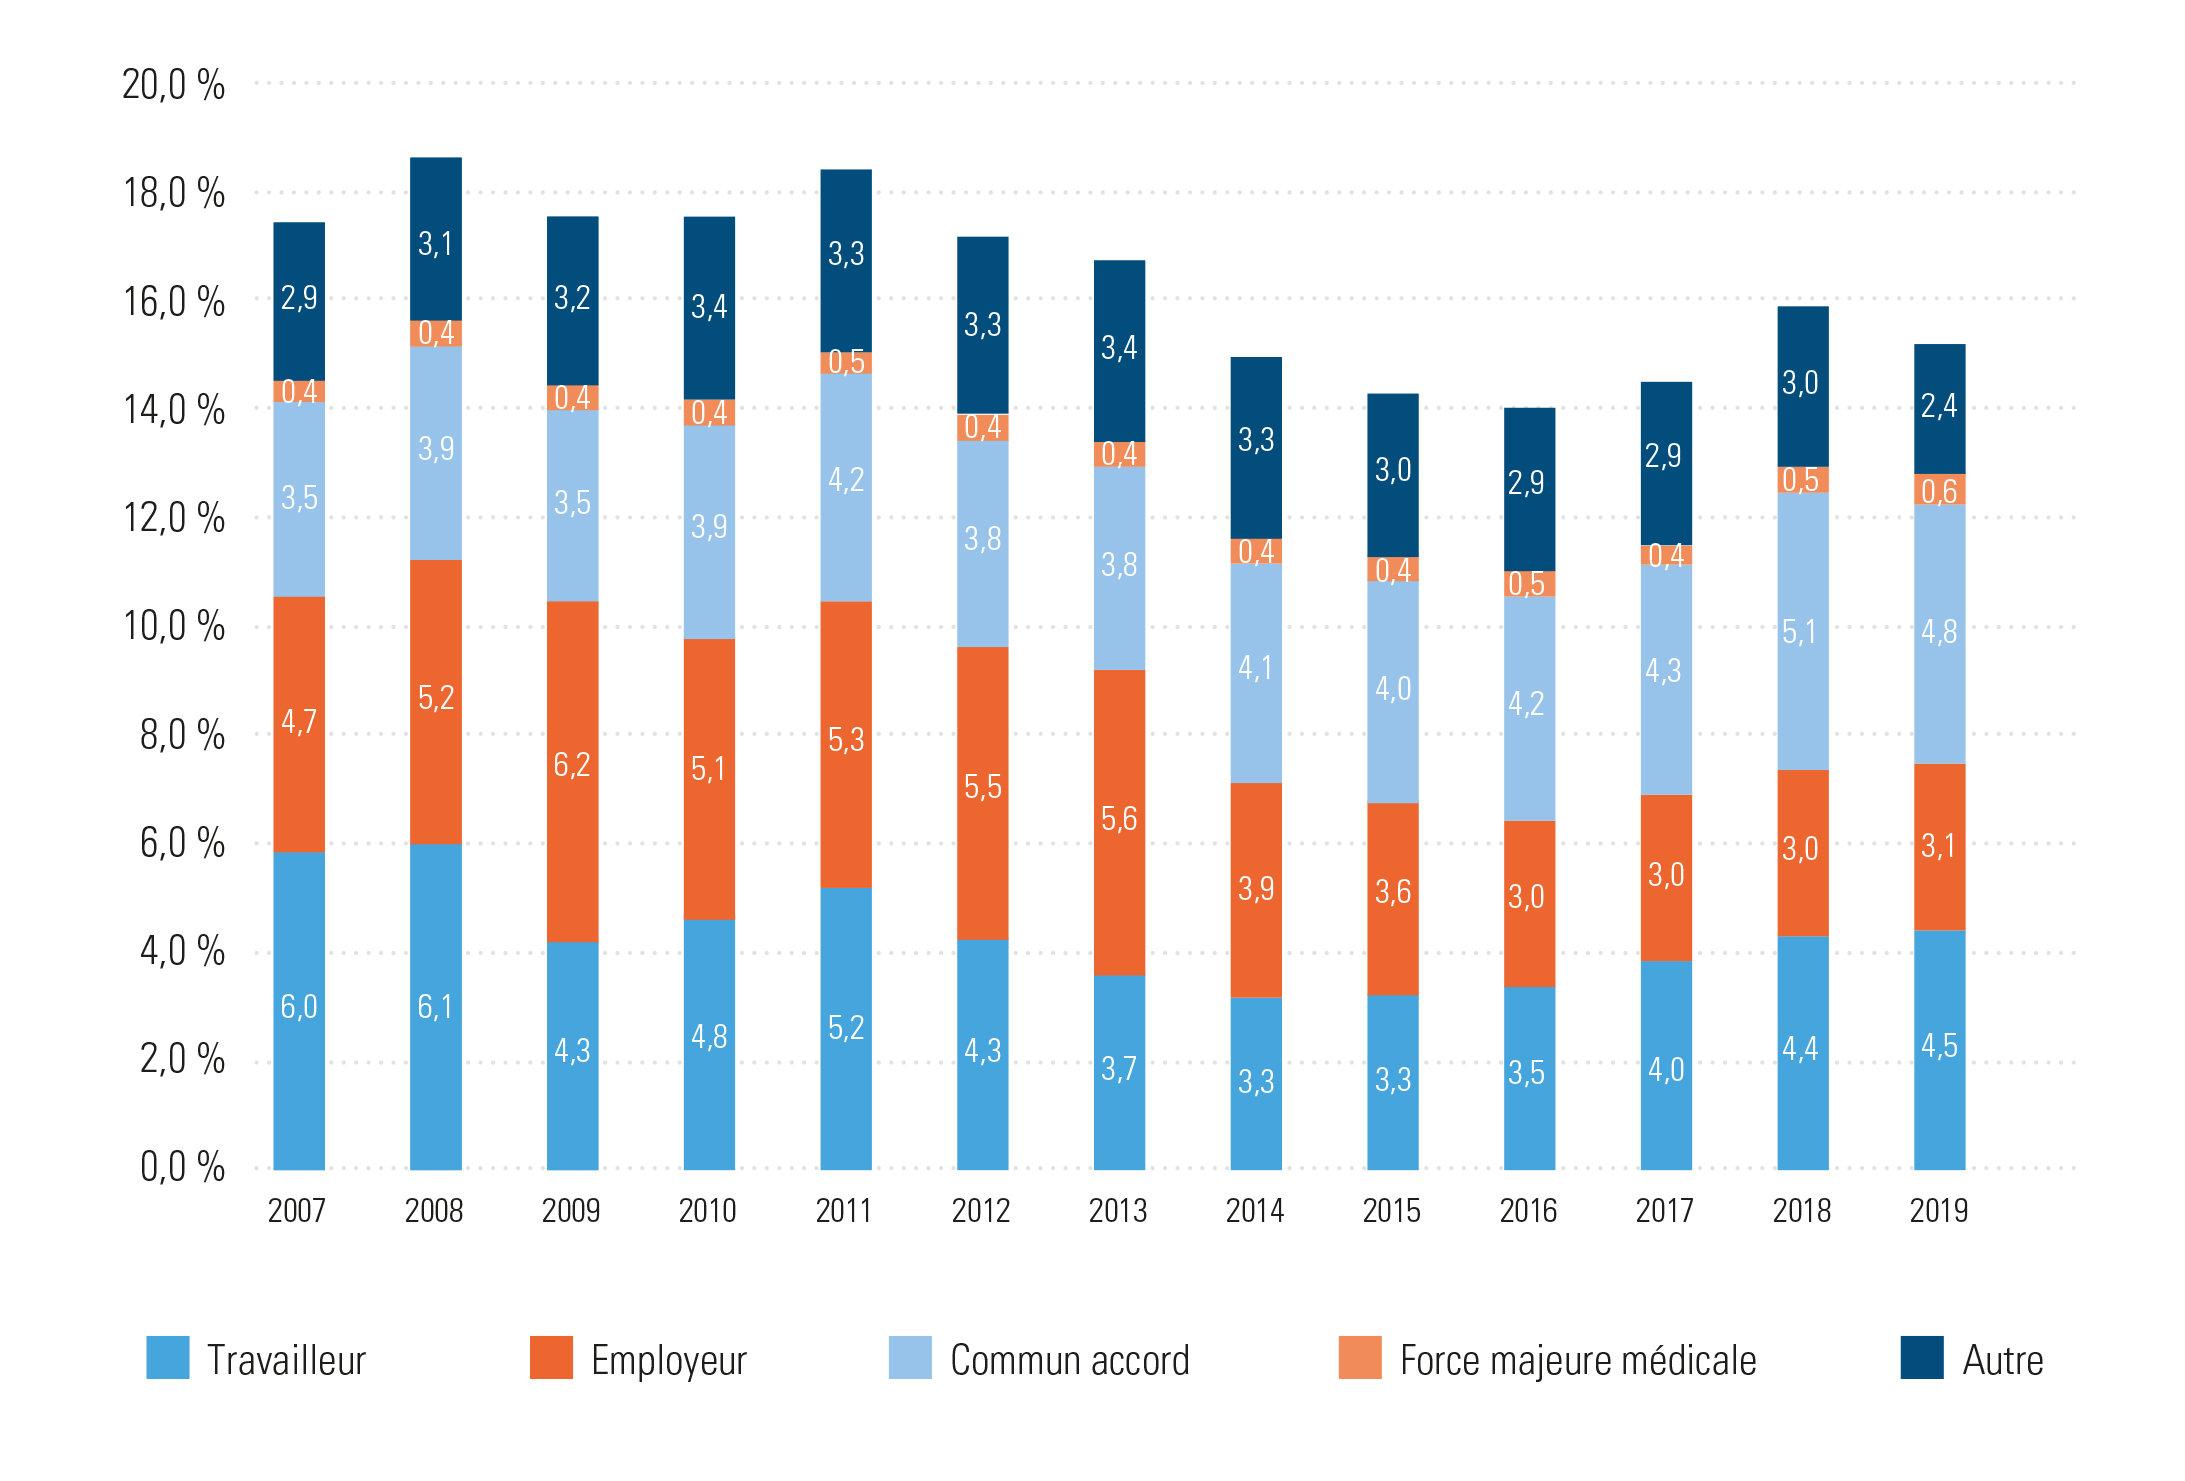 % de fin des contrats à durée indéterminée, selon le motif de résiliation, évolution 2007-2019